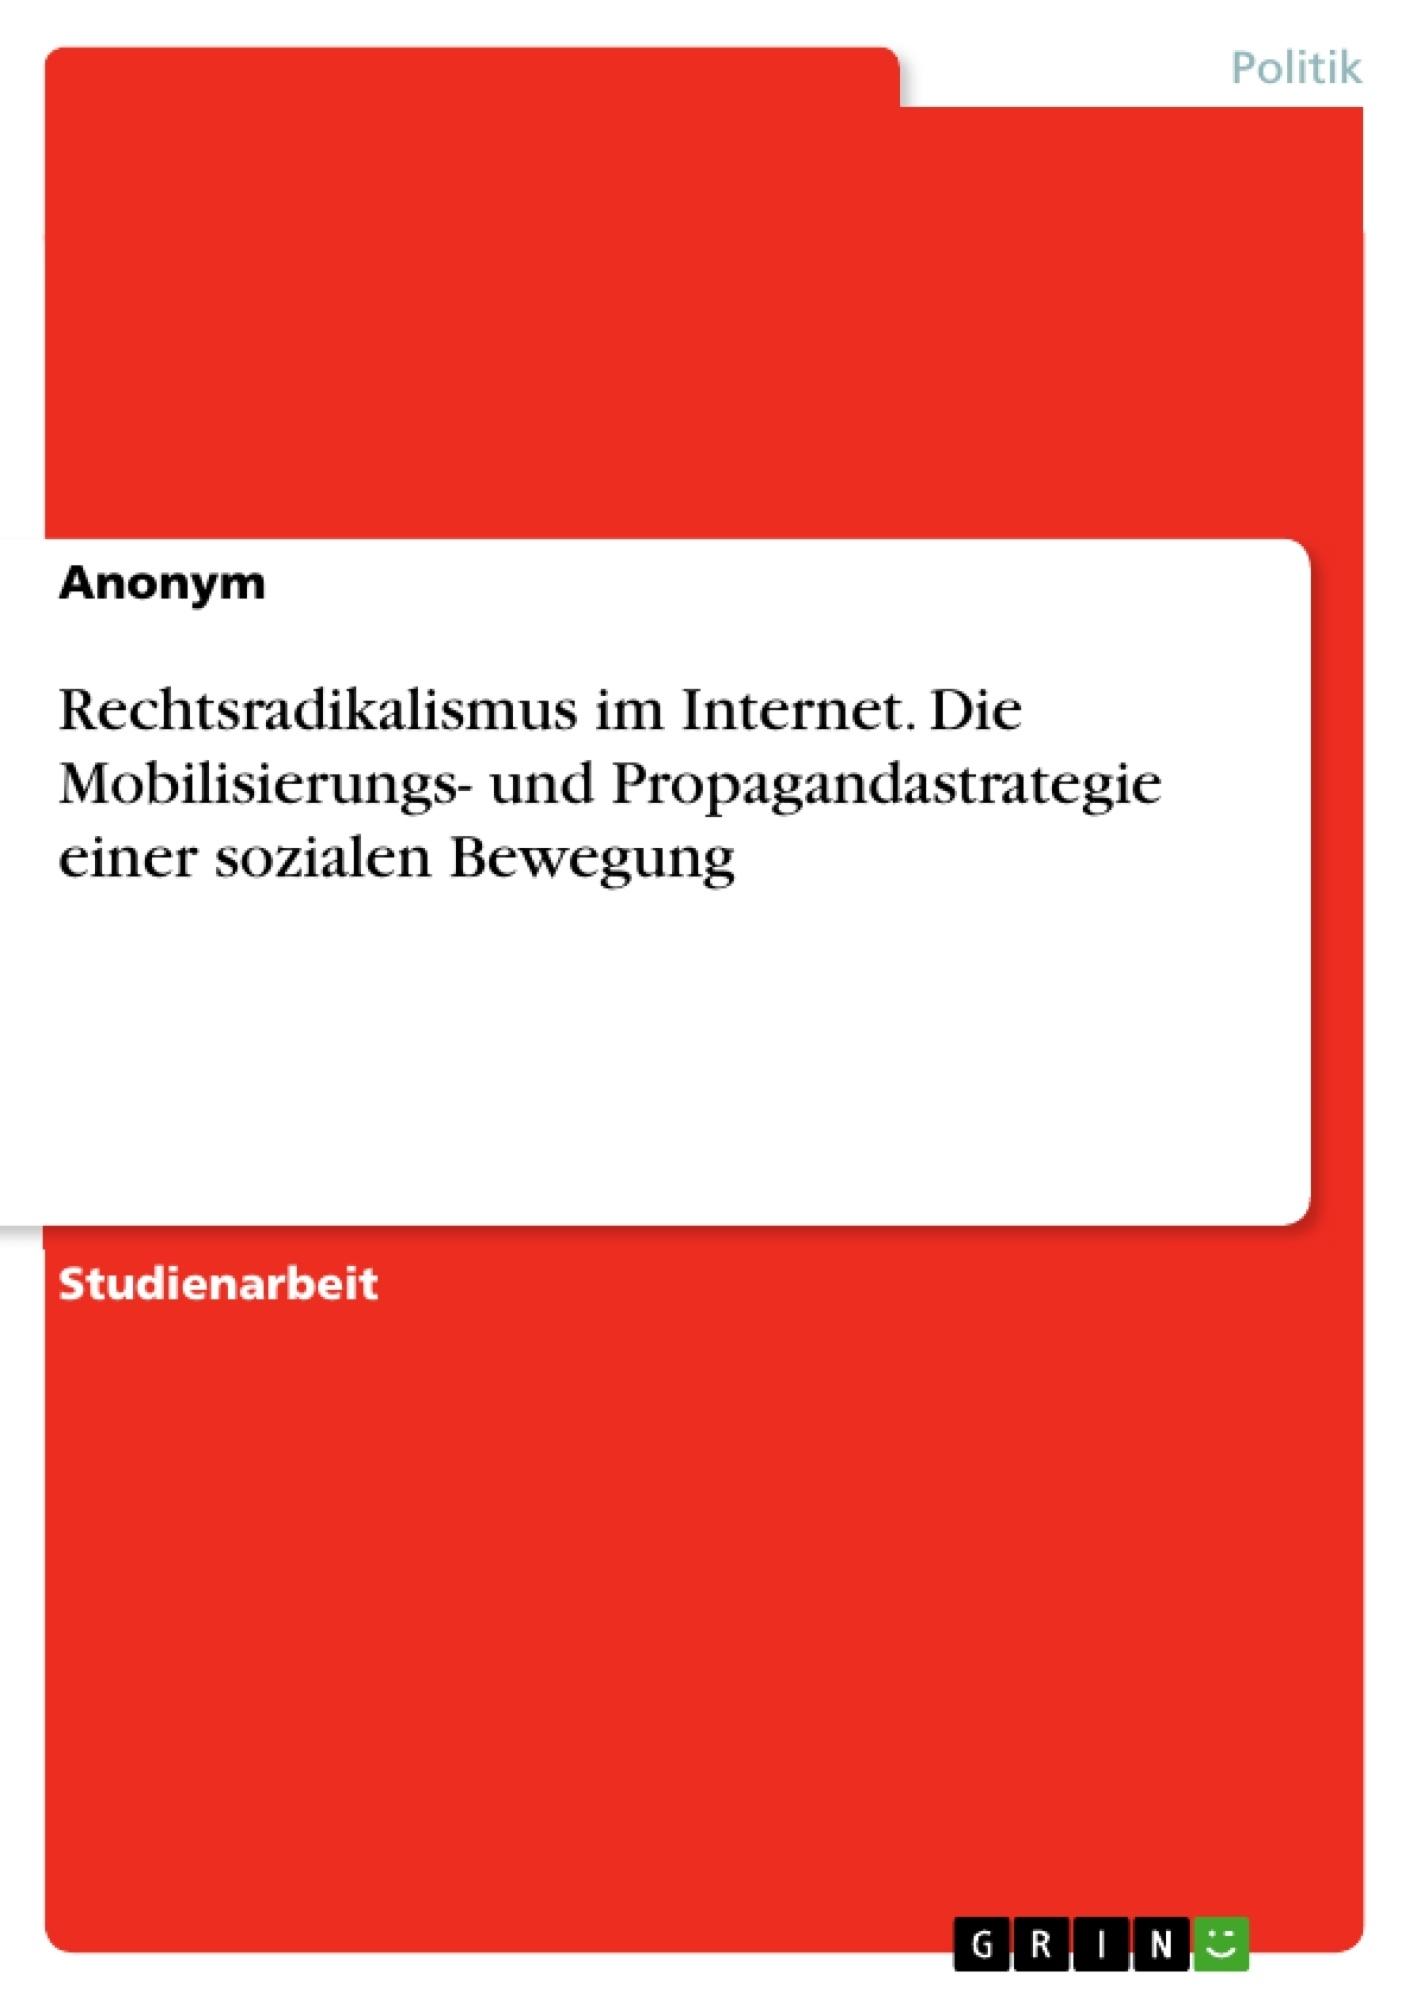 Titel: Rechtsradikalismus im Internet. Die Mobilisierungs- und Propagandastrategie einer sozialen Bewegung